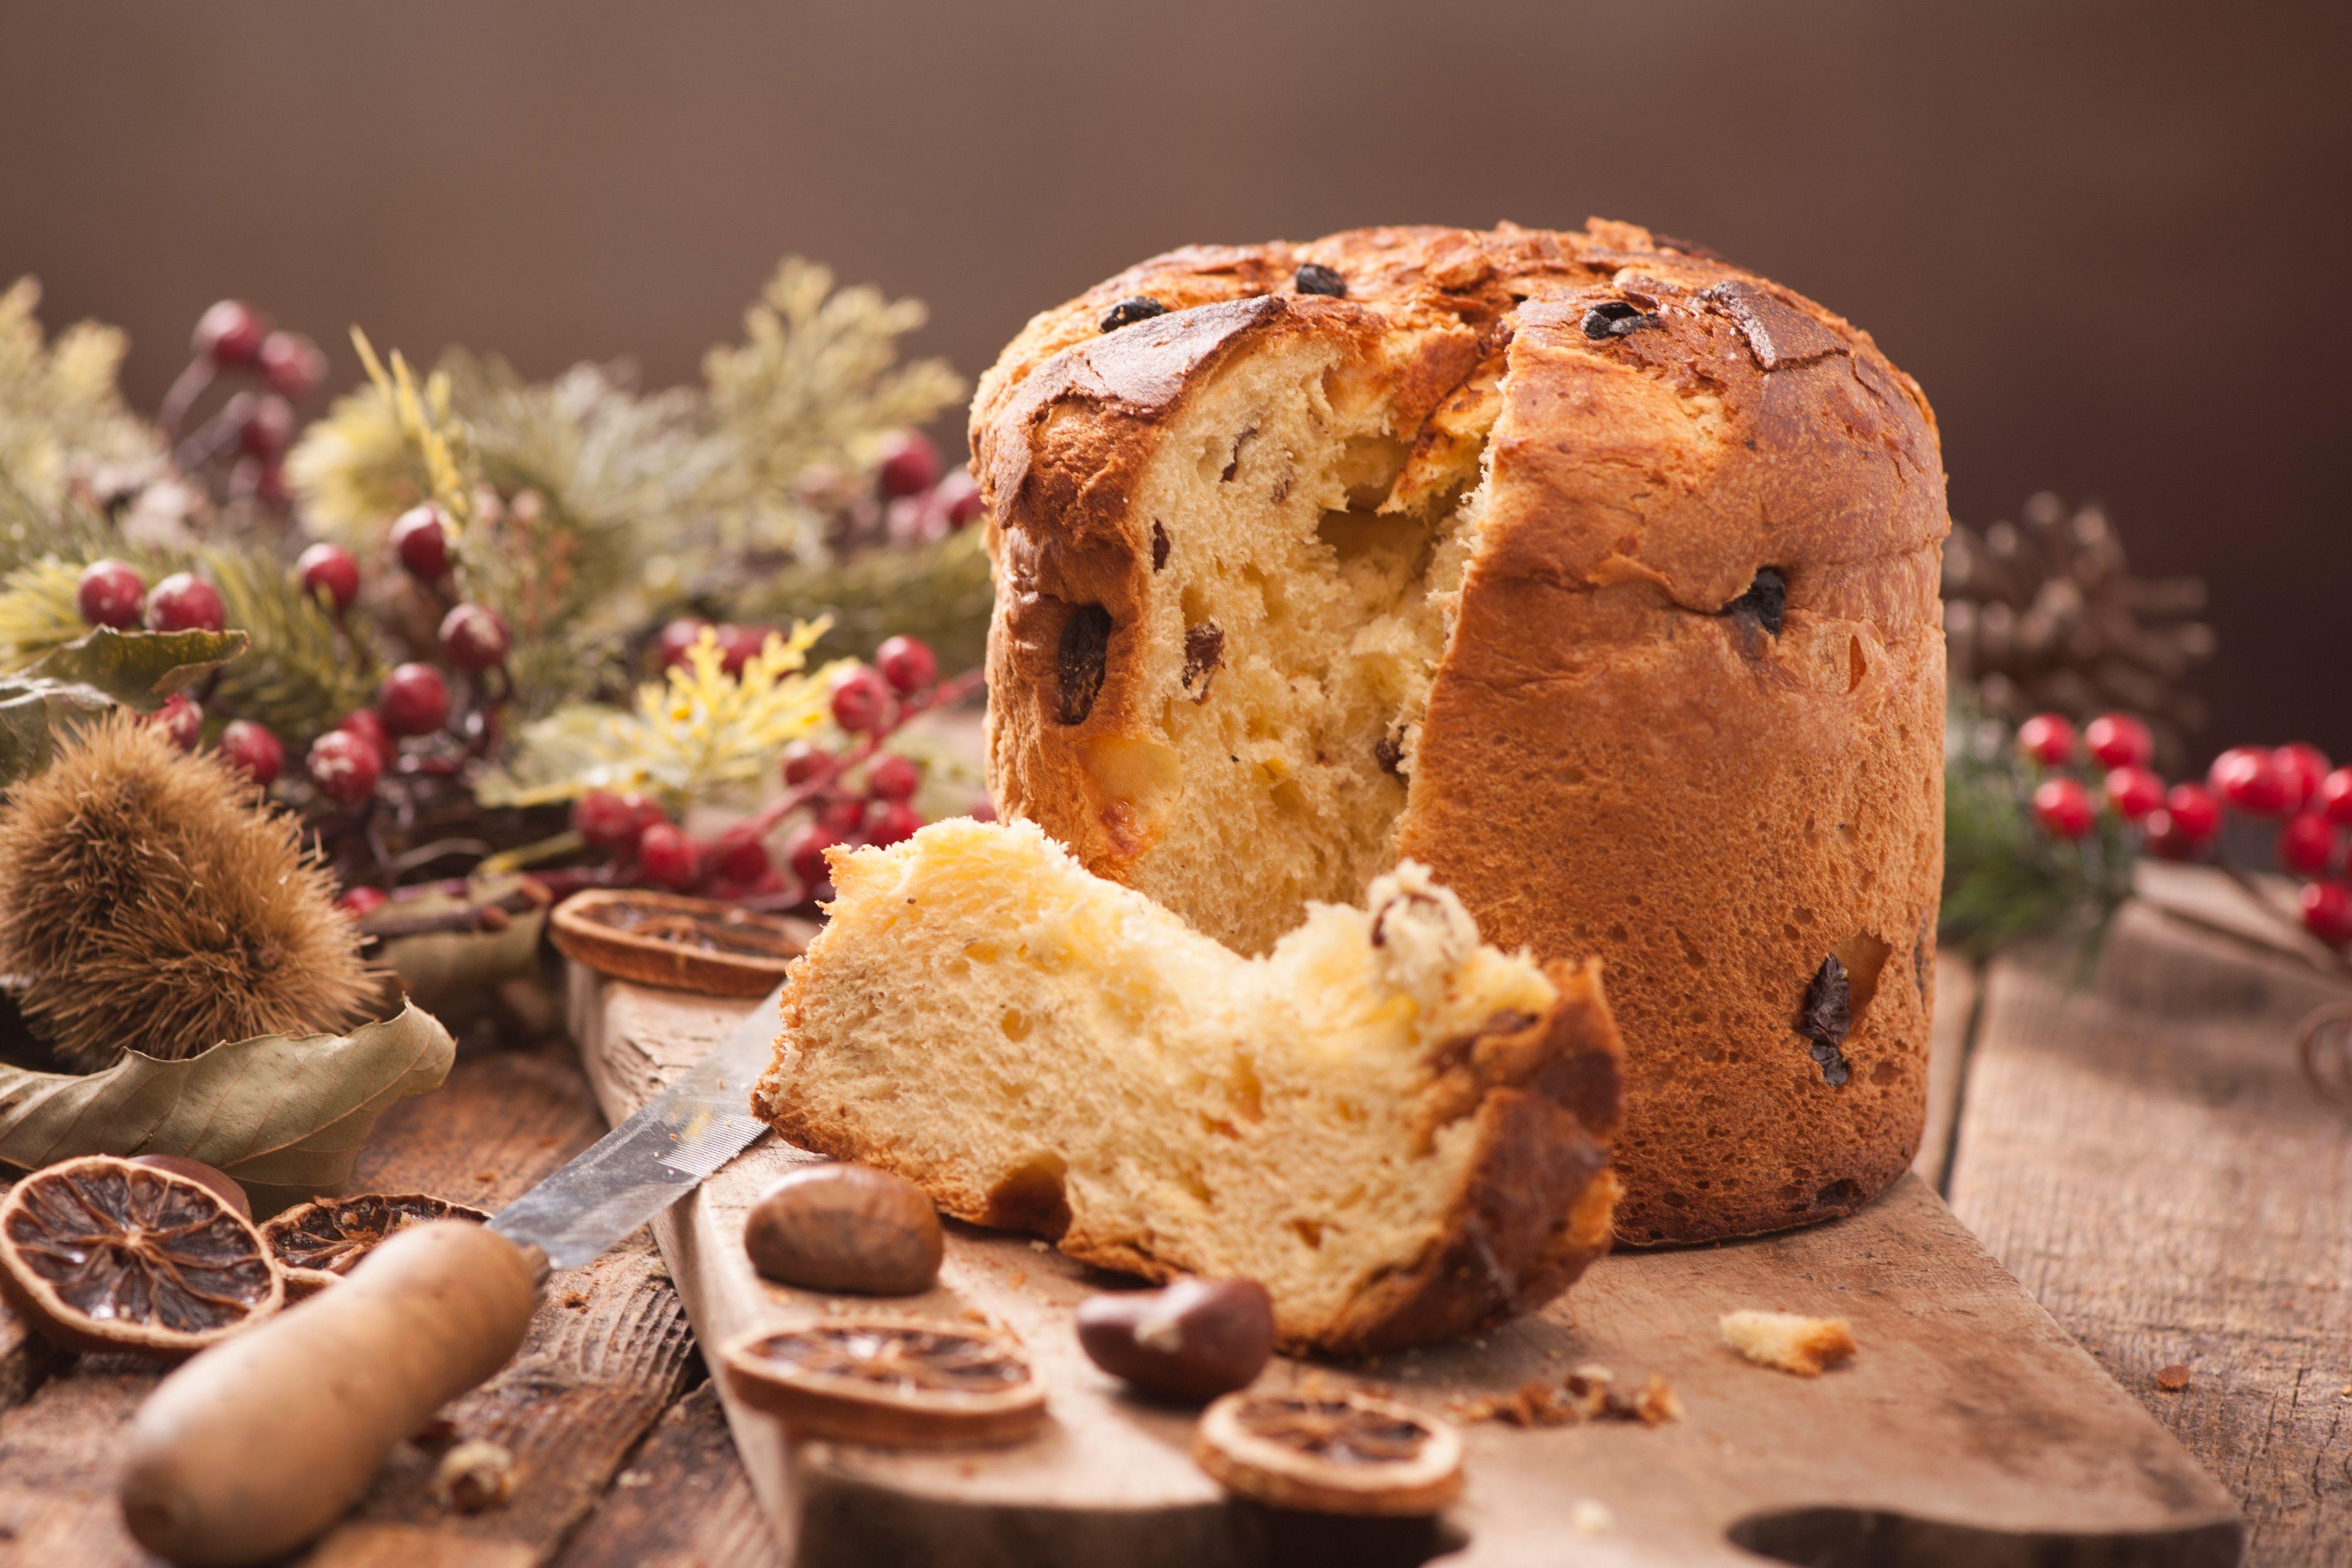 Los pan dulces artesanales se ofrecen en alrededor de $1.000 el kilo